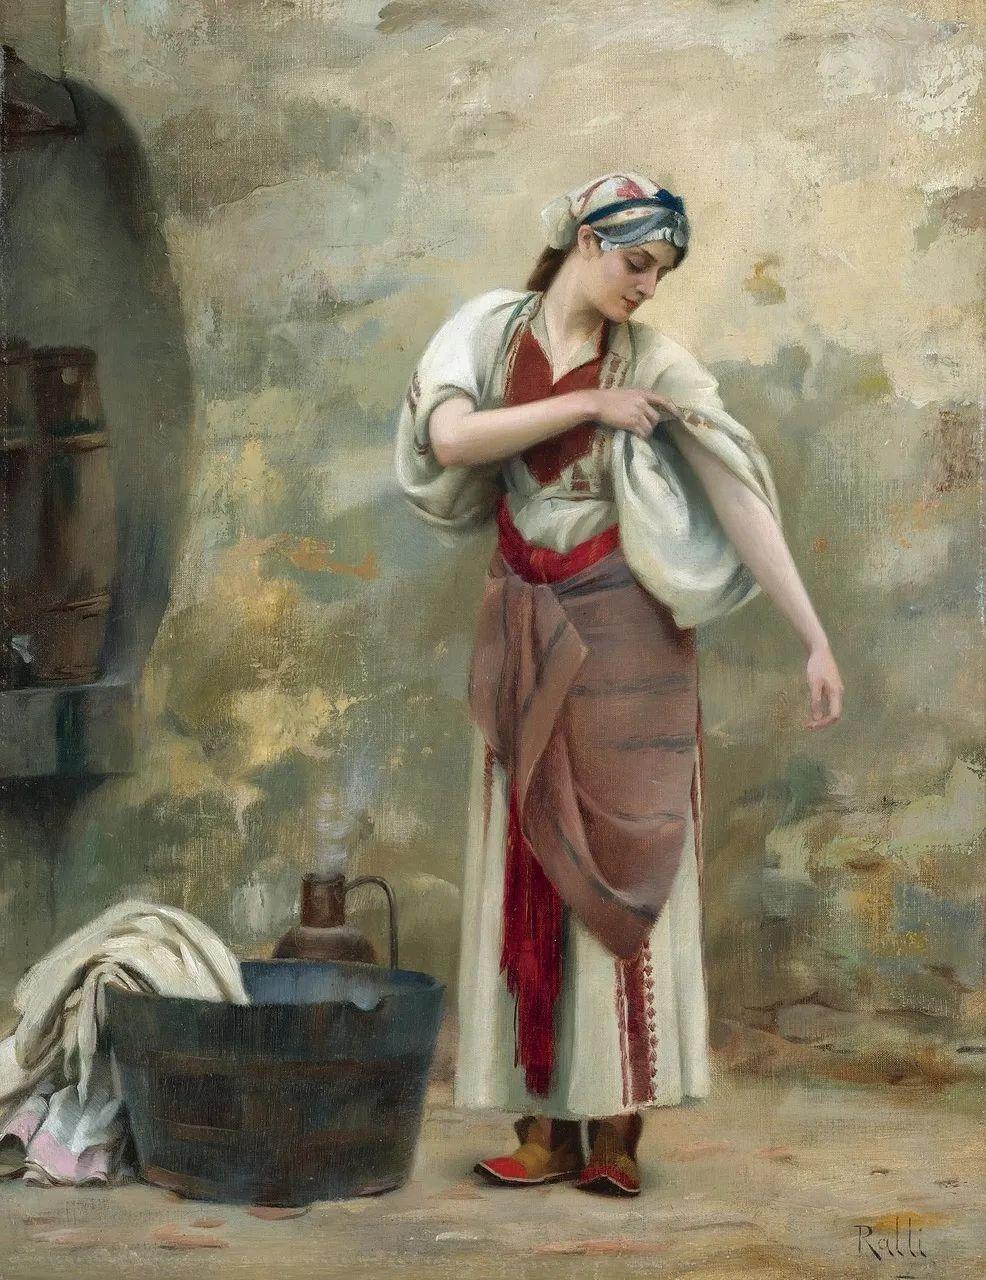 微妙而动人的绘画,希腊画家蒂奥多·拉利插图1